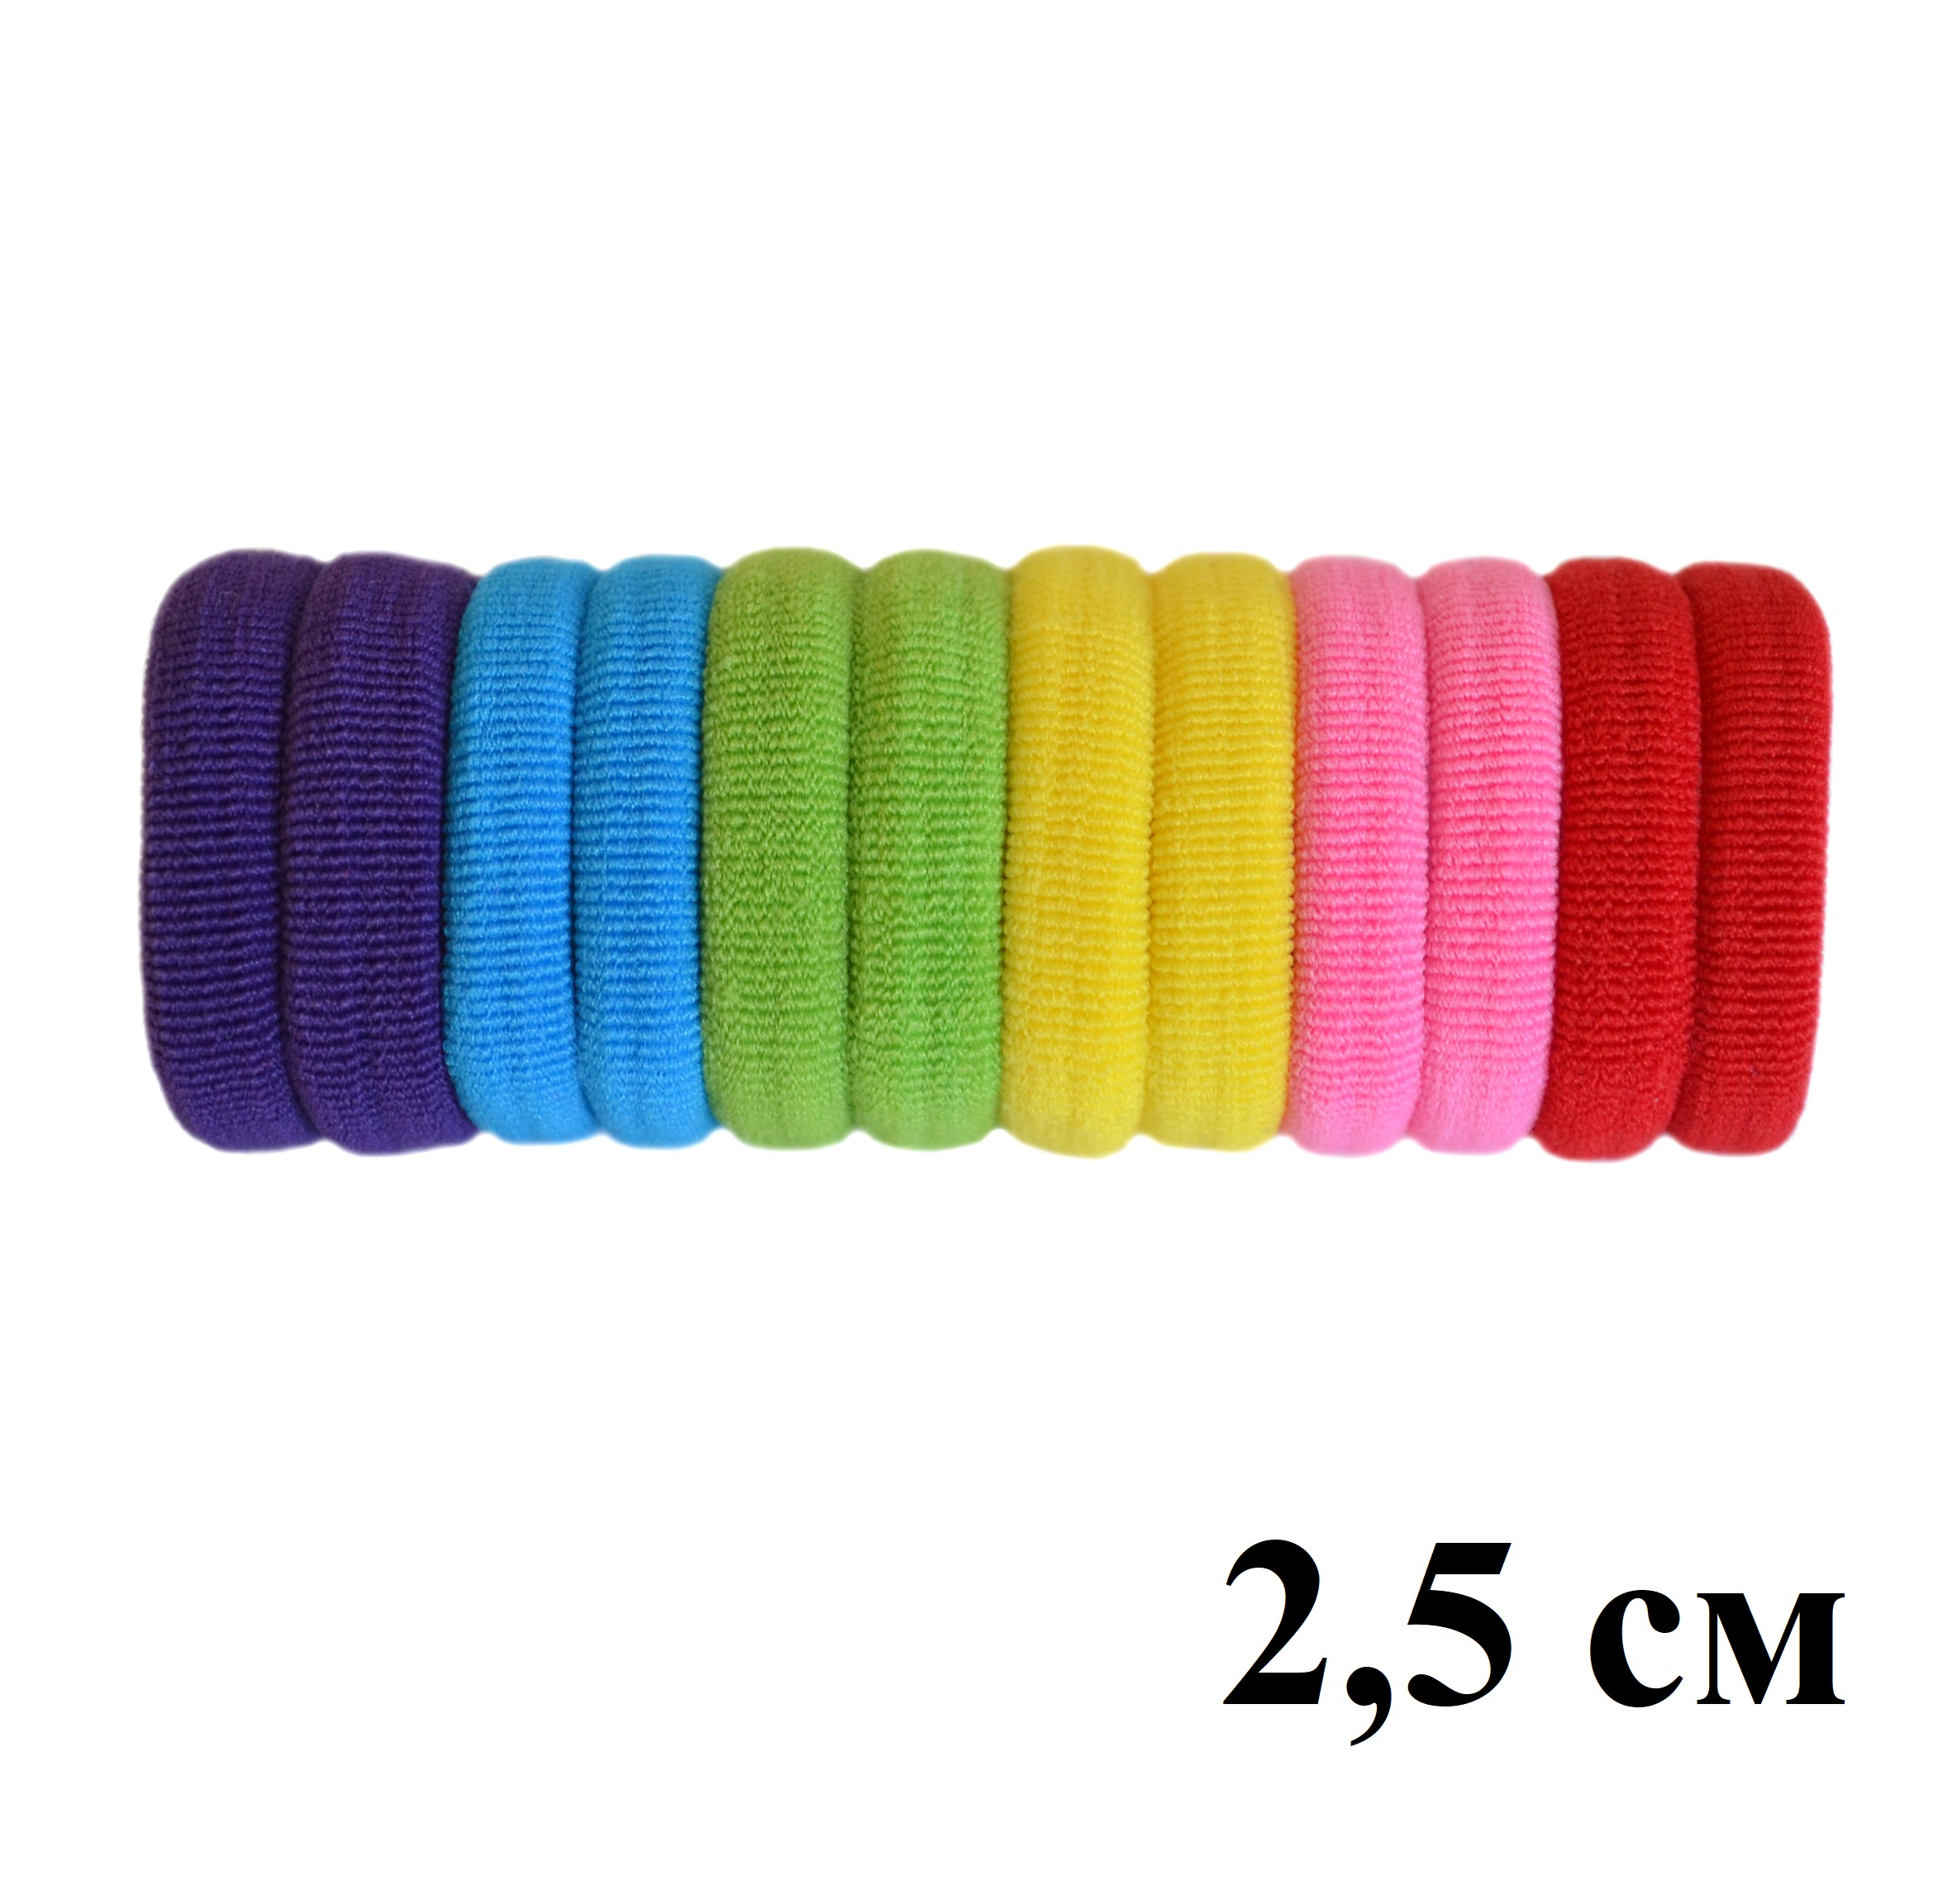 Бесшовные резинки для волос 2.5 см, (12шт) микс